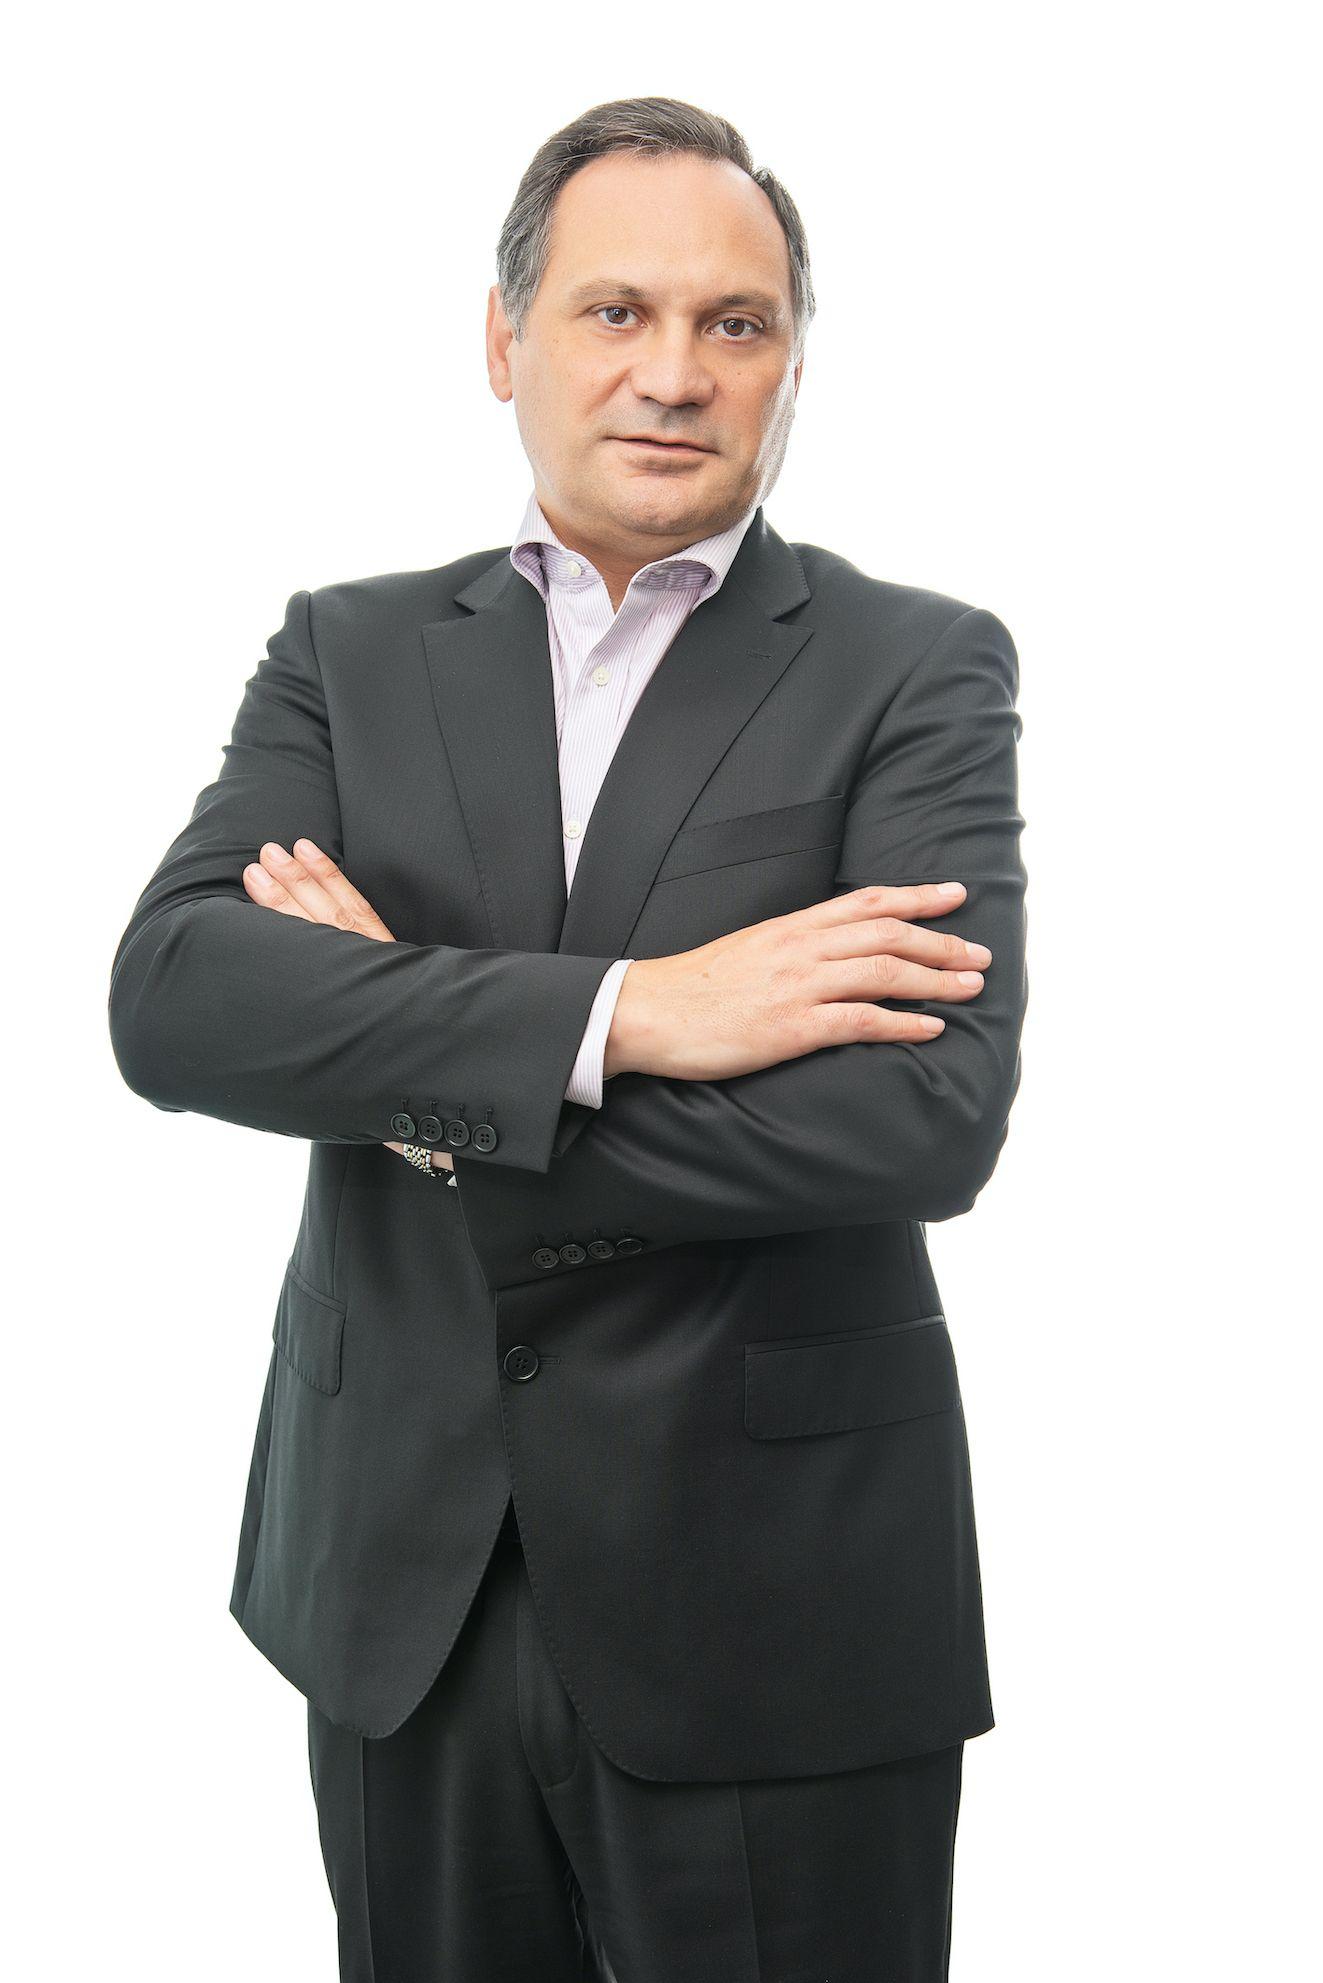 La banca inteligente conversacional: el futuro de la banca digital